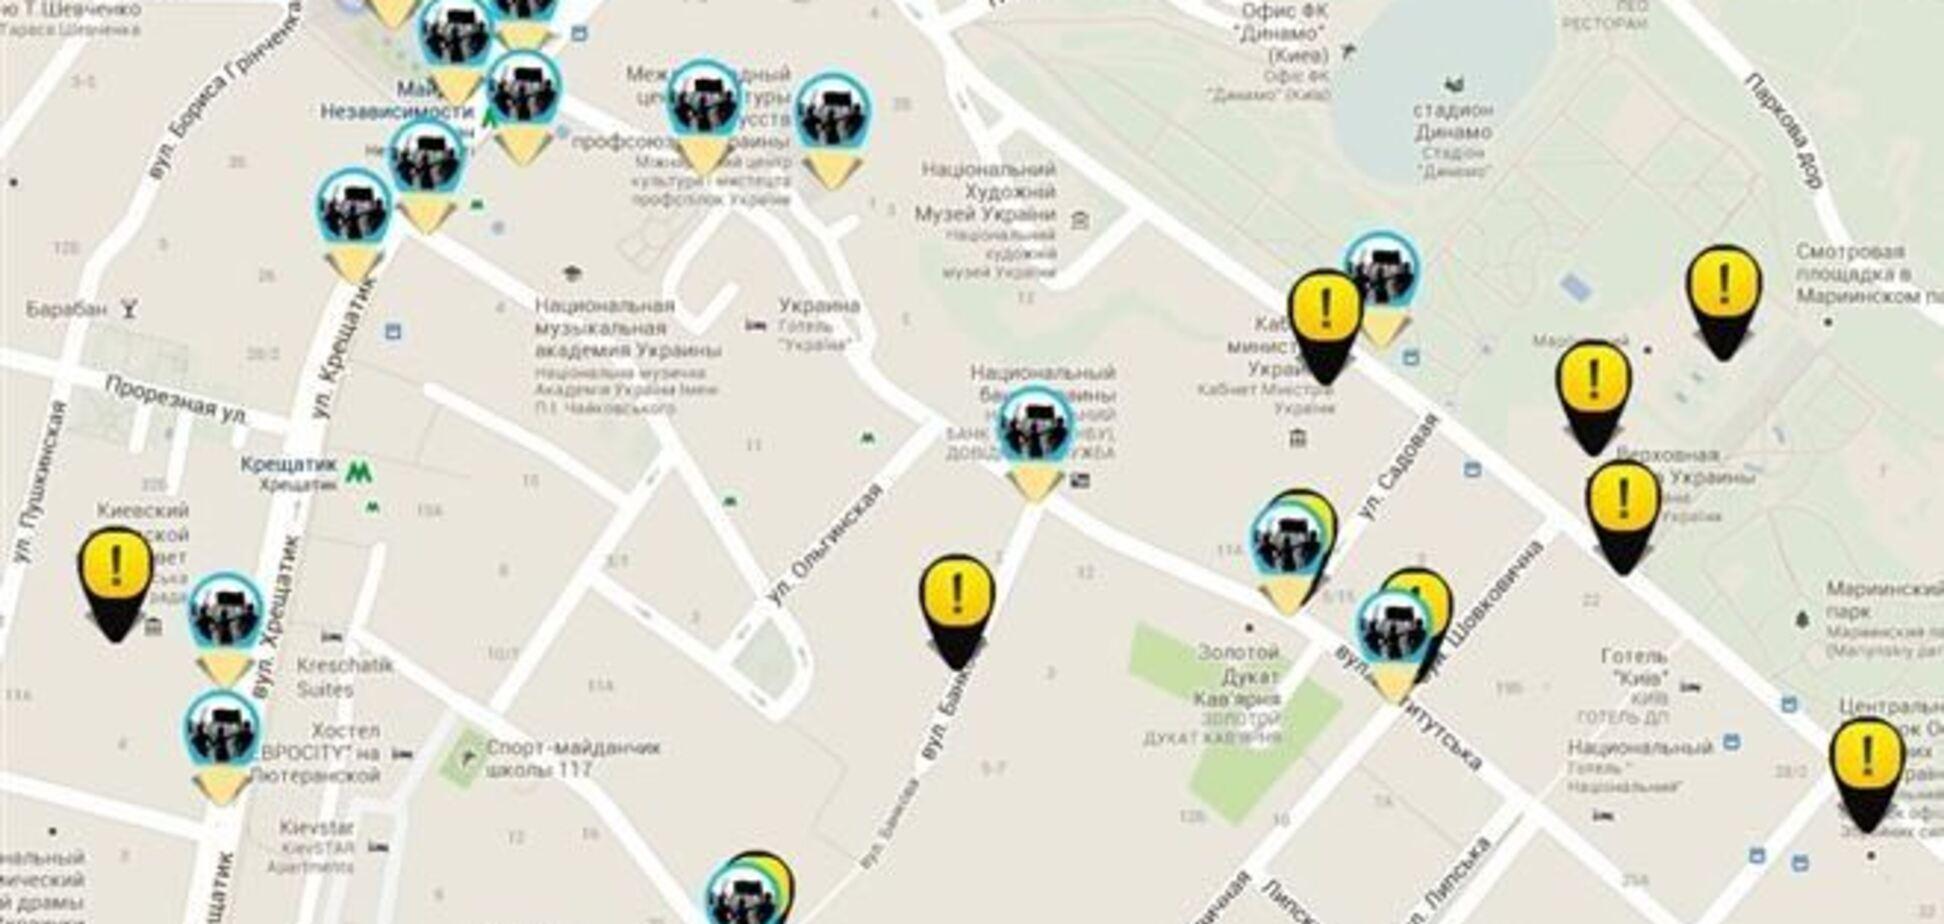 Новый киевский сайт показывает, где находится 'Беркут' и проходят митинги